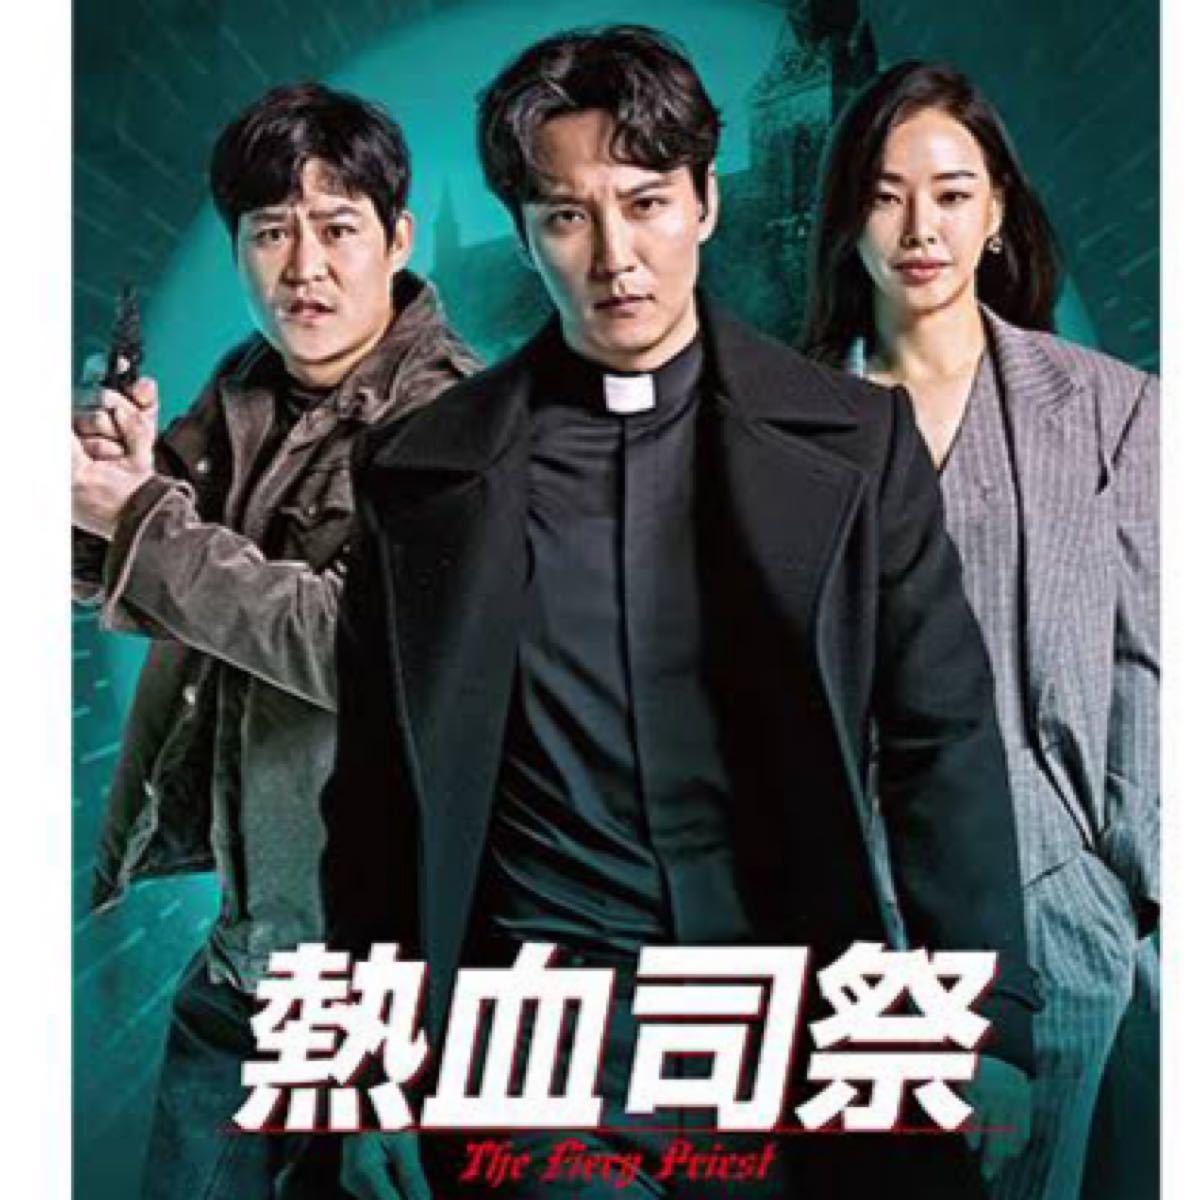 韓国ドラマ 熱血司祭 DVD全話【レーベル印刷あり】